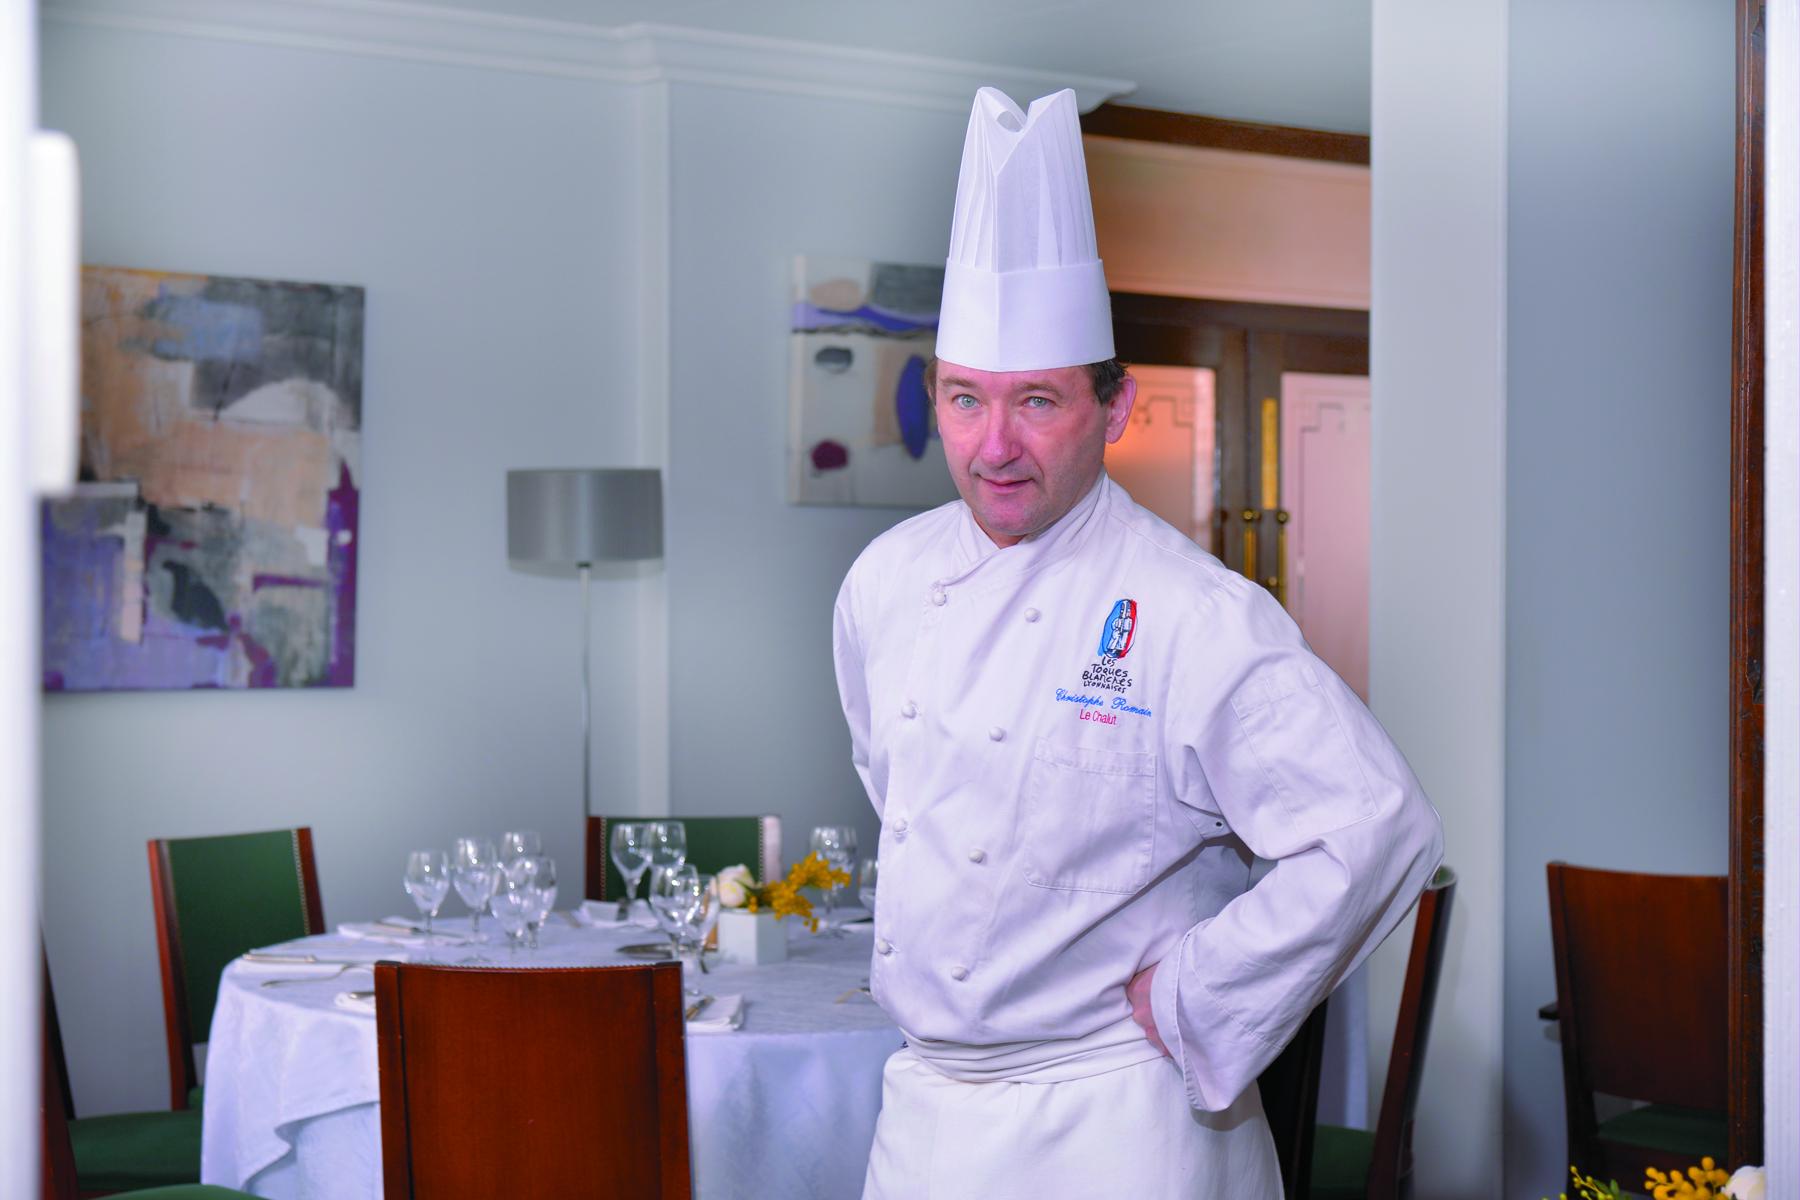 Restaurant Le Chalut - Christophe Romain